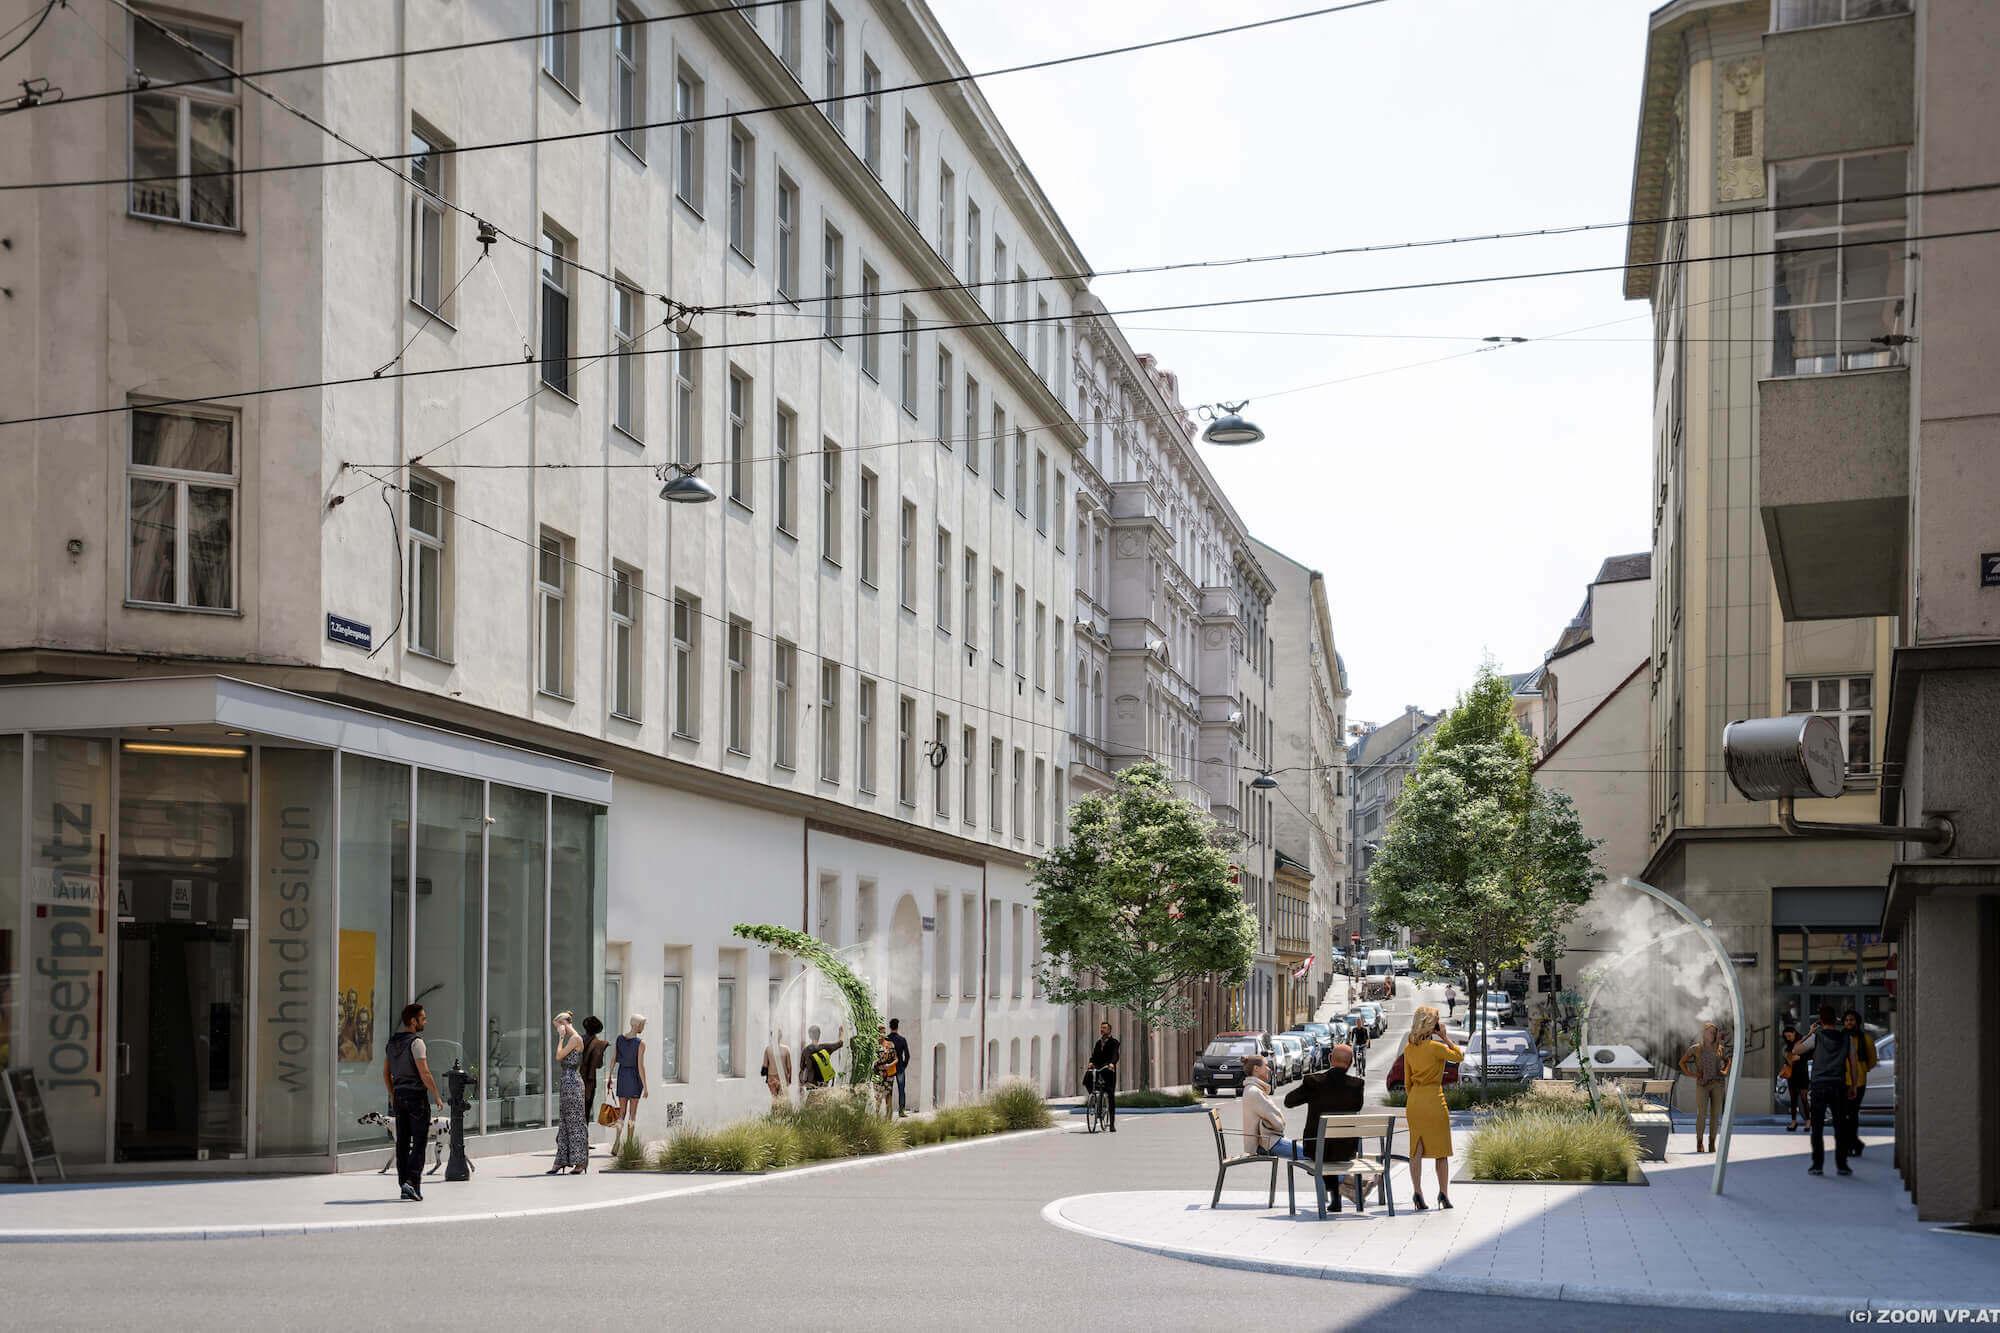 Wiens erste klimaangepasste Straße: Mit gezielten Umbaumaßnahmen sollen Hitzetage in der Zieglergasse erträglicher gemacht werden.